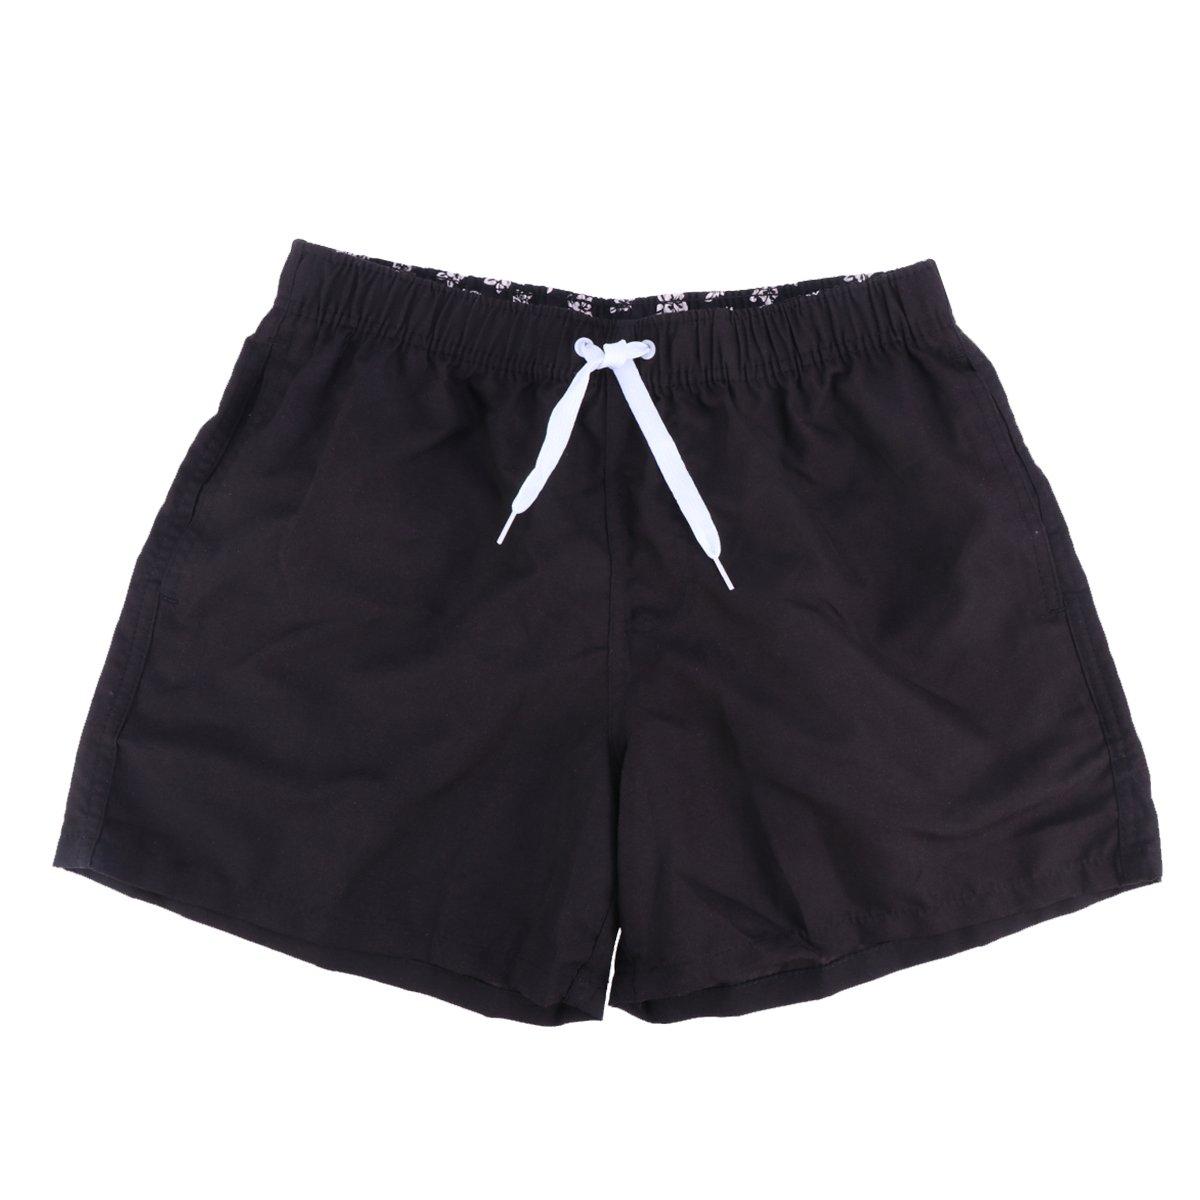 Clispeed Pantaloncini da Spiaggia da Uomo - Costume da Bagno Sportivo da Esterno con Tasca da Surf - Taglia XXL (Sky Blue)